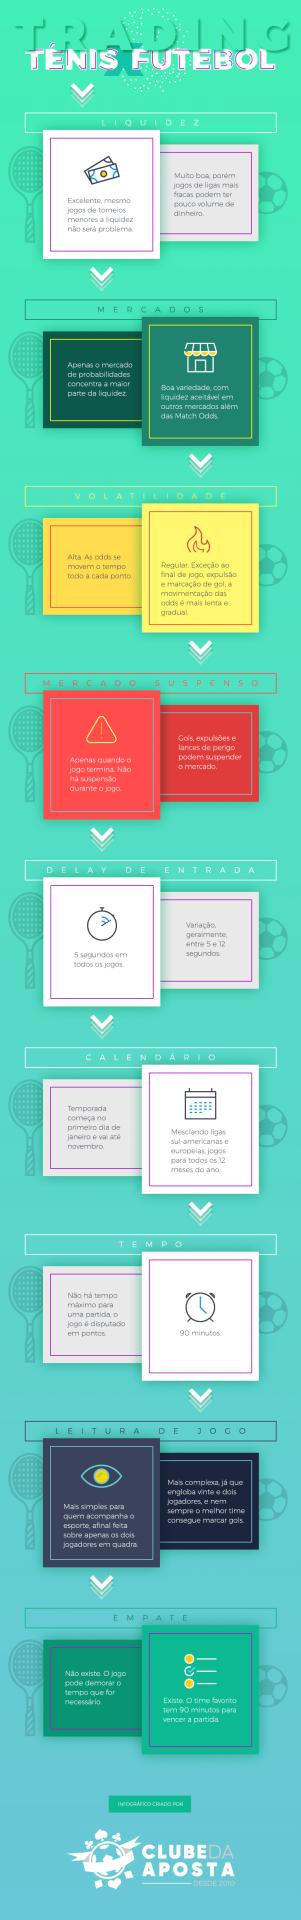 trading tênis x trading futebol principais características e diferenças